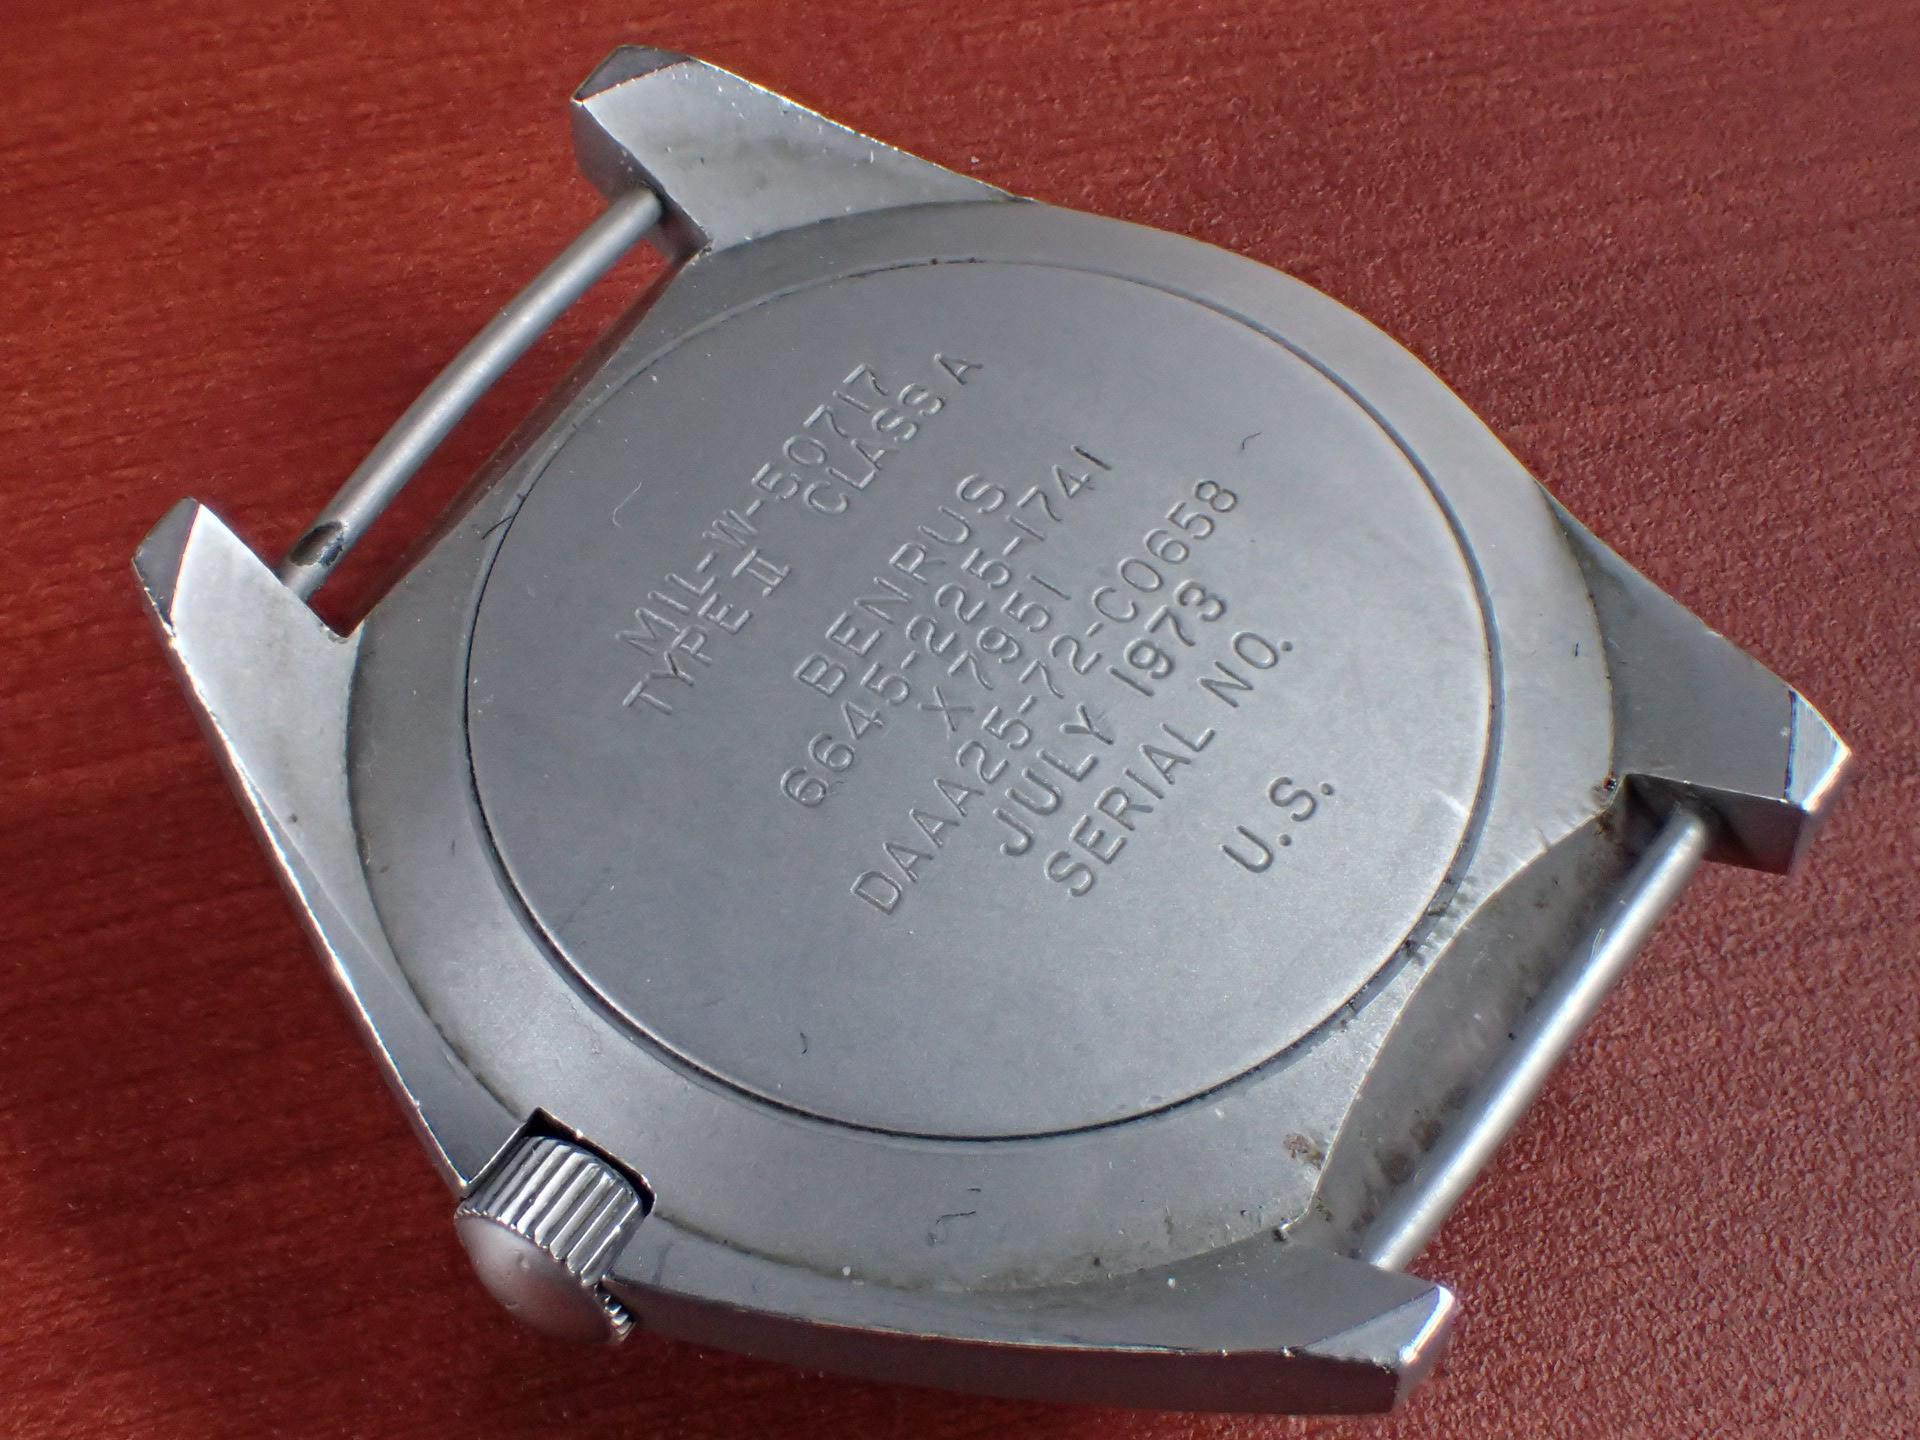 ベンラス ミリタリー 米軍特殊部隊 タイプⅡクラスA 未支給 1973年の写真4枚目